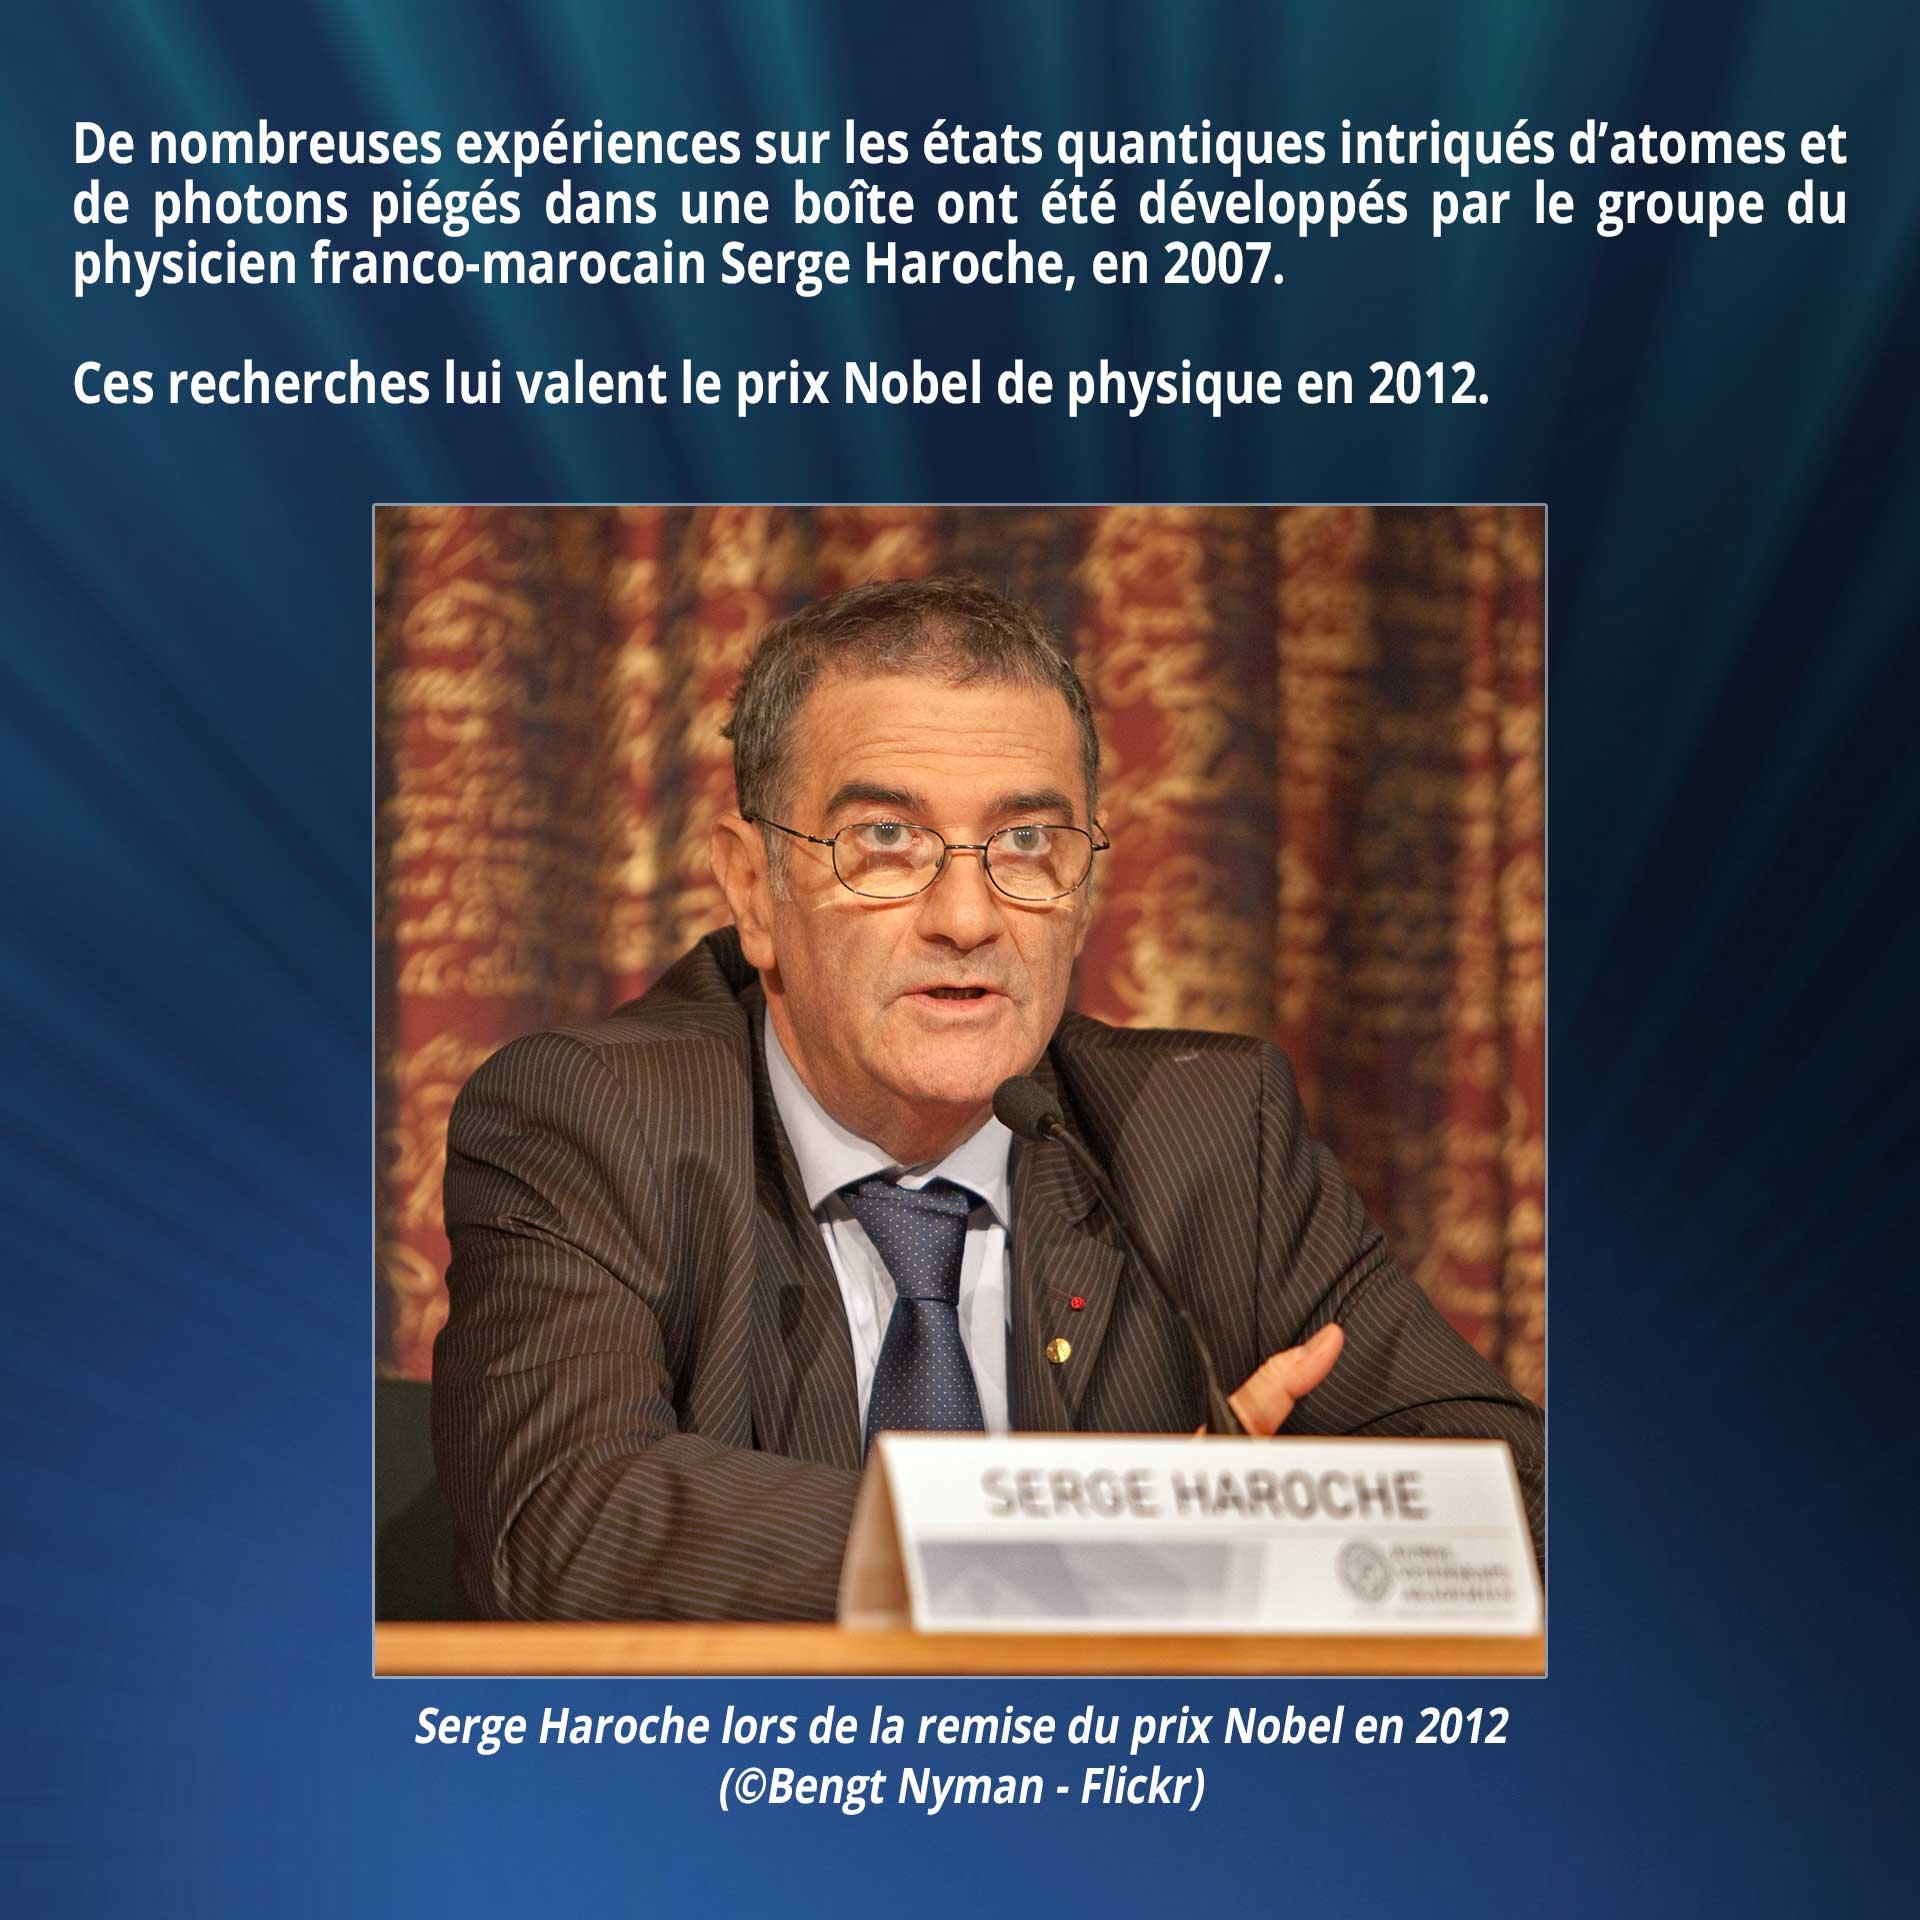 De nombreuses expériences sur les états quantiques intriqués d'atomes et de photons piégés dans une boîte ont été développés par le groupe du physicien franco-marocain Serge Haroche, en 2007. Ces recherches lui valent le prix Nobel de physique en 2012.